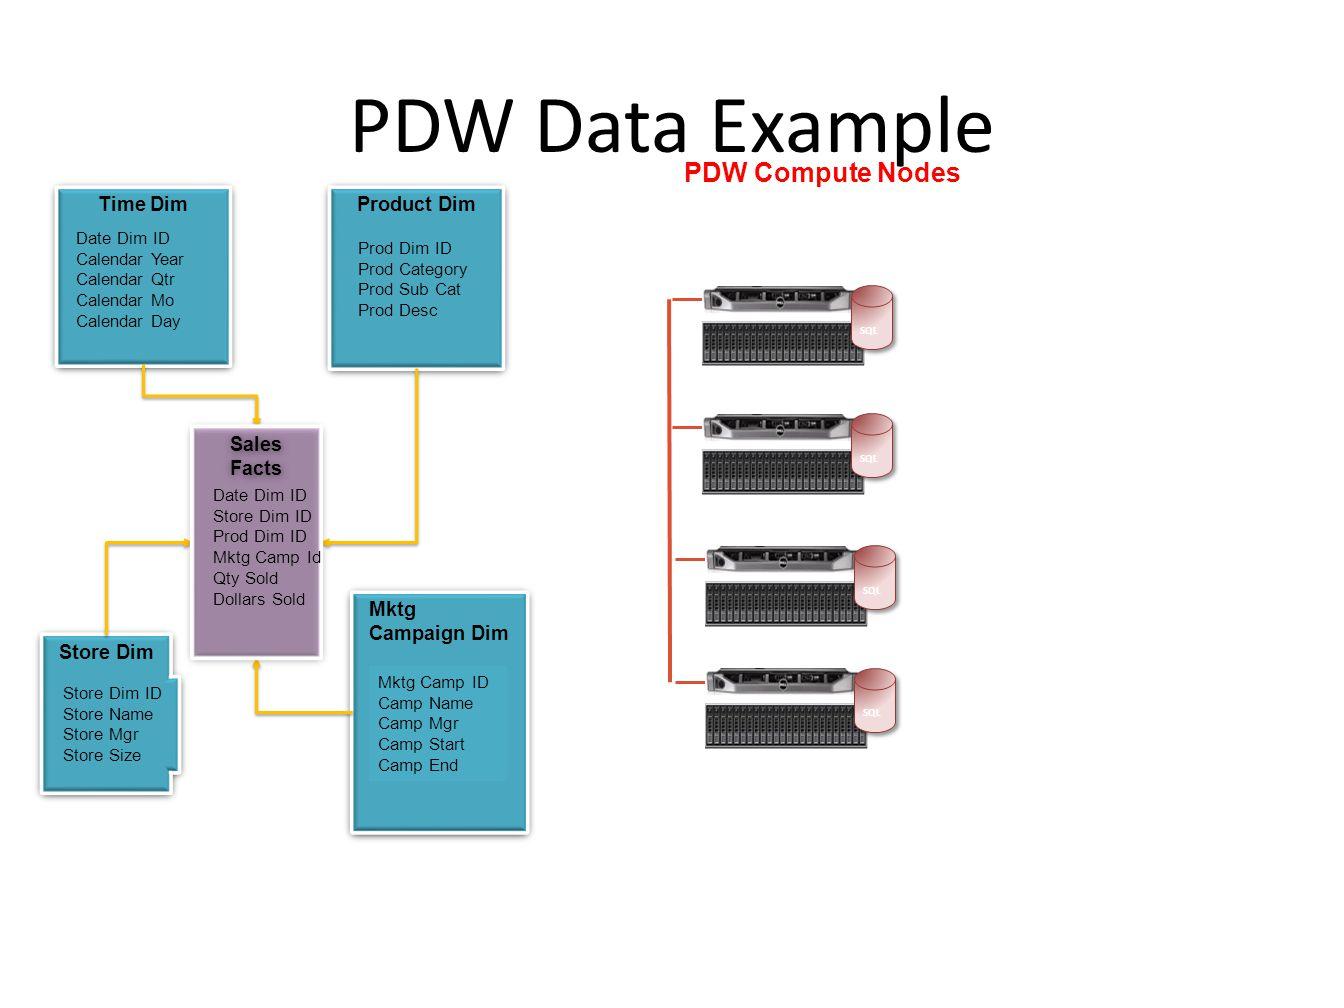 PDW Data Example Time Dim Date Dim ID Calendar Year Calendar Qtr Calendar Mo Calendar Day Date Dim ID Calendar Year Calendar Qtr Calendar Mo Calendar